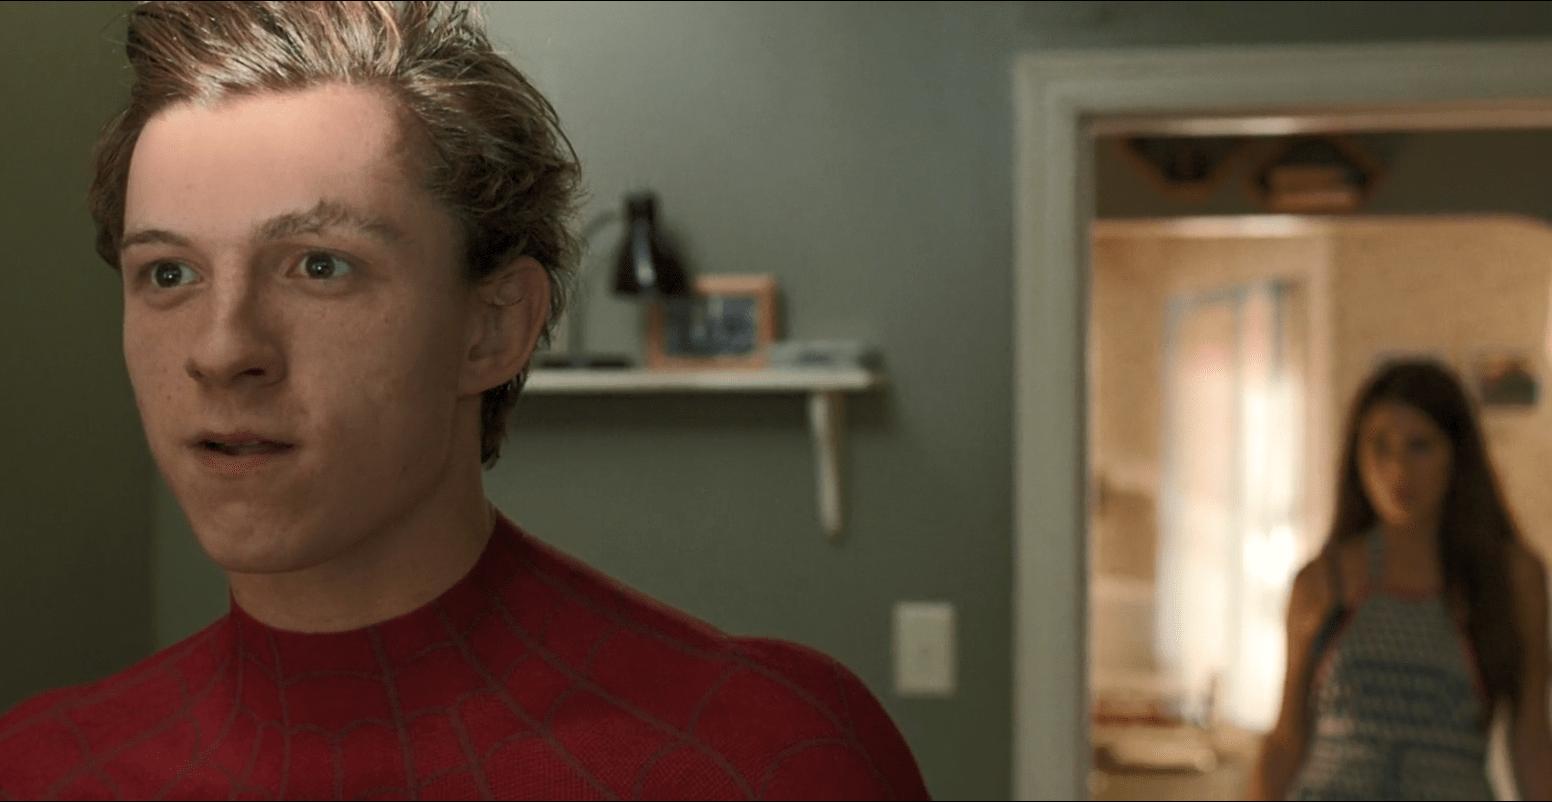 元気になる青春映画『スパイダーマン:ホームカミング』は心温まるヒーローの物語!皆に観て欲しいストーリーをネタバレありでレビュー